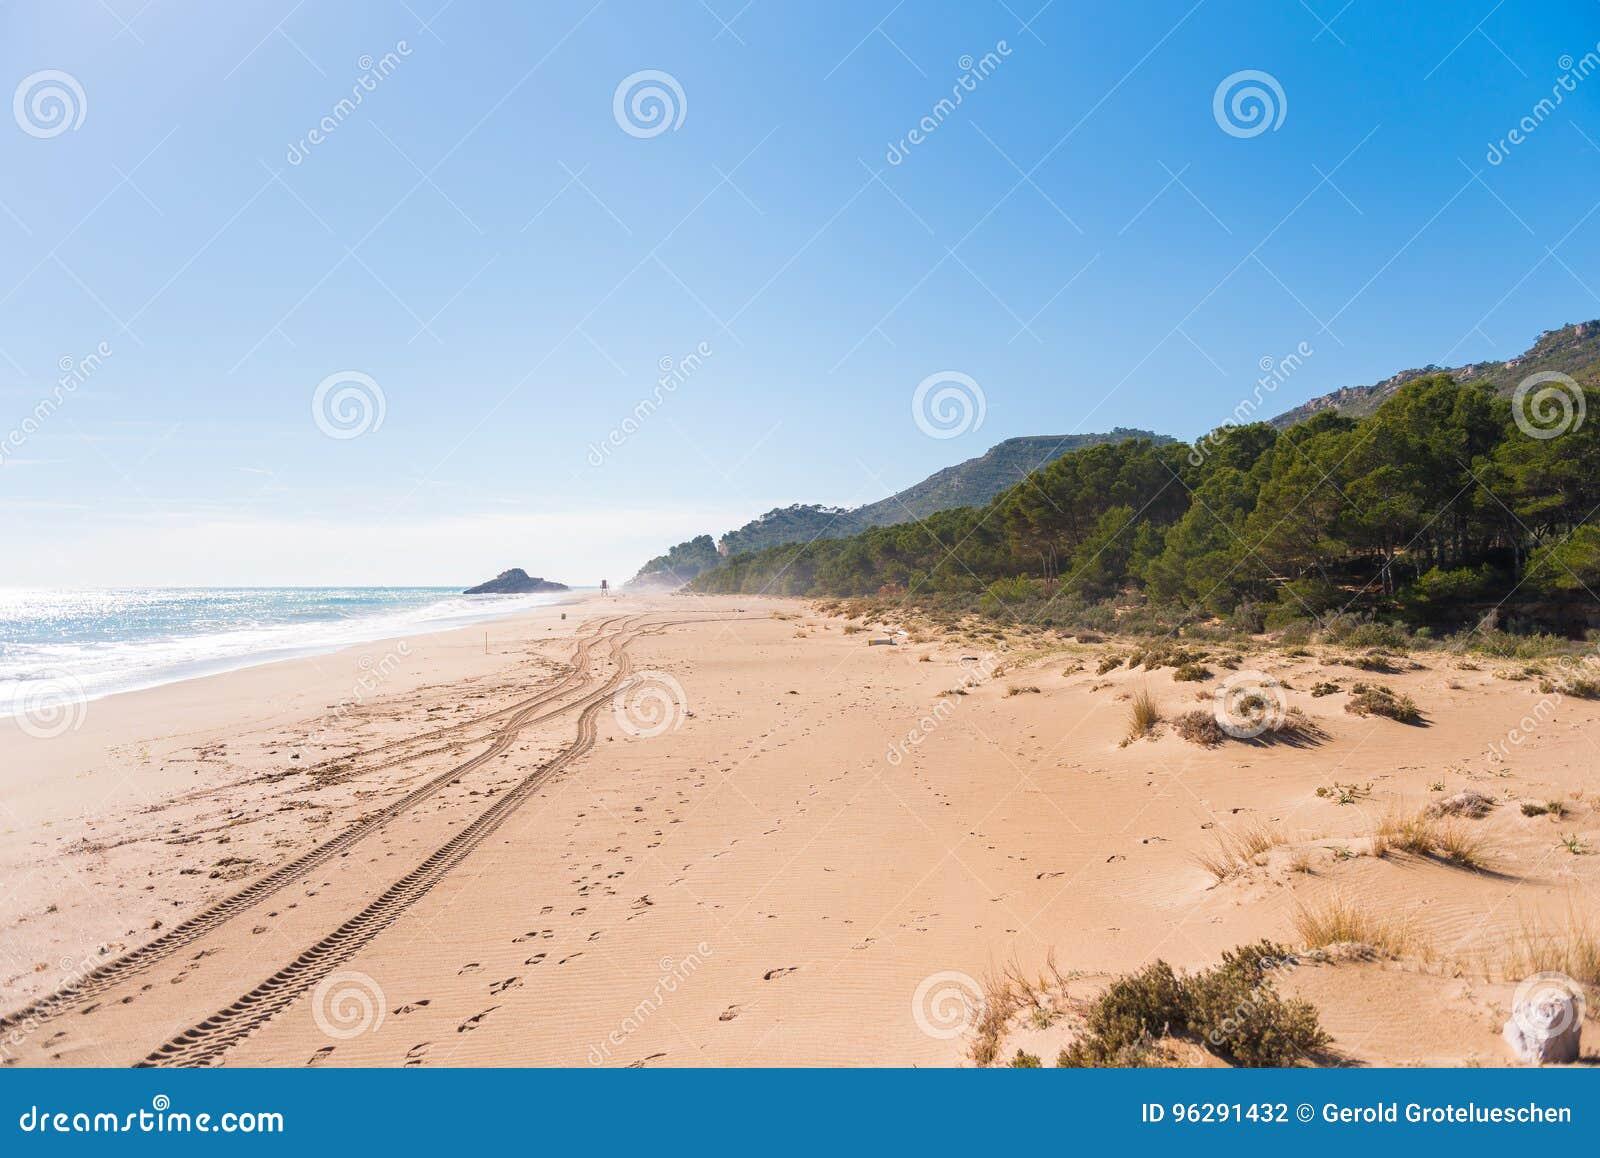 Sandy Beach Beach Playa Torn Kopieren Sie Raum für Text